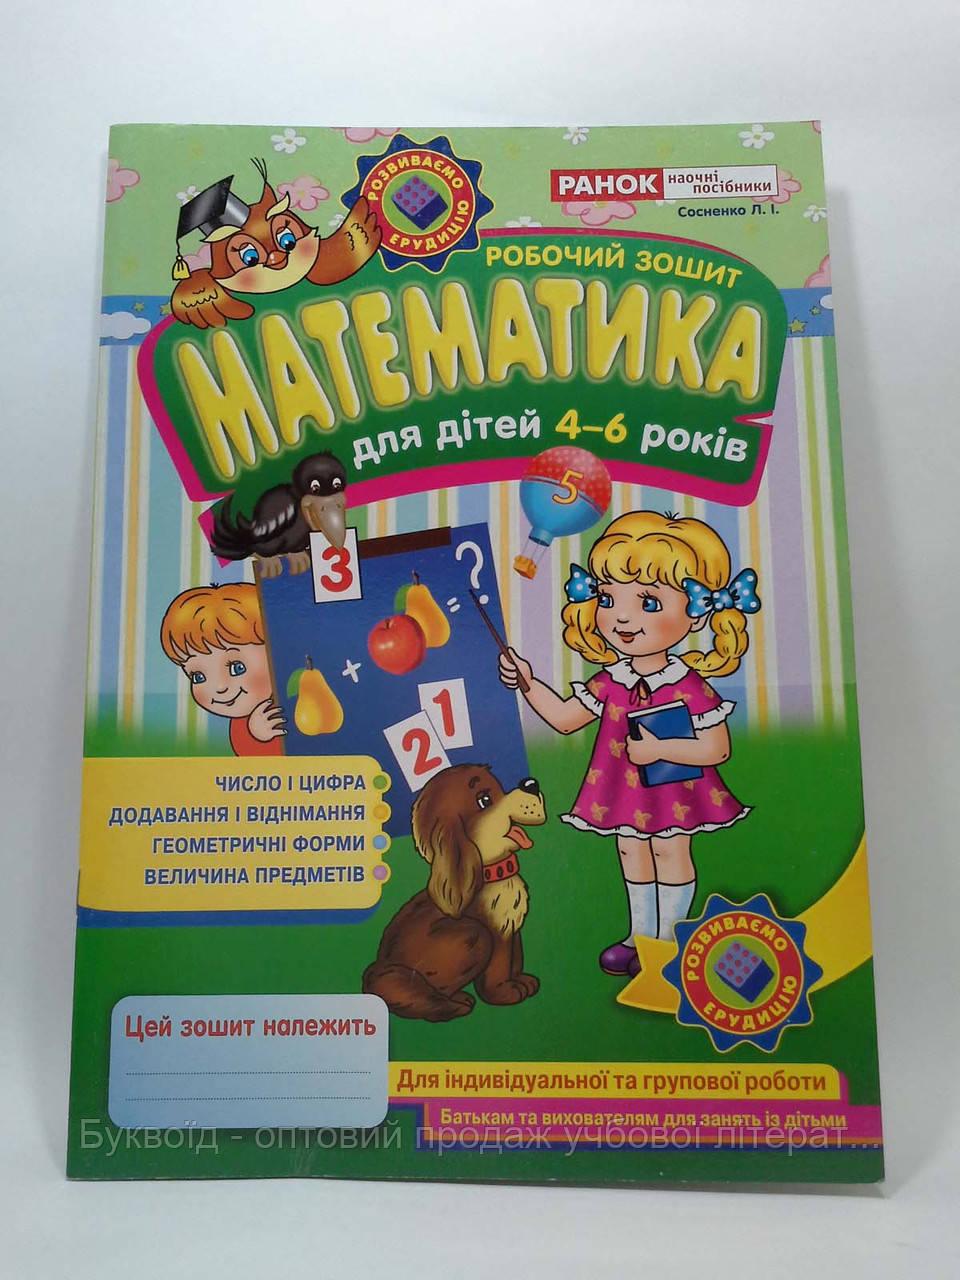 Світогляд Робочий зошит Математика для дітей 4-6 років 5447 Сосненко